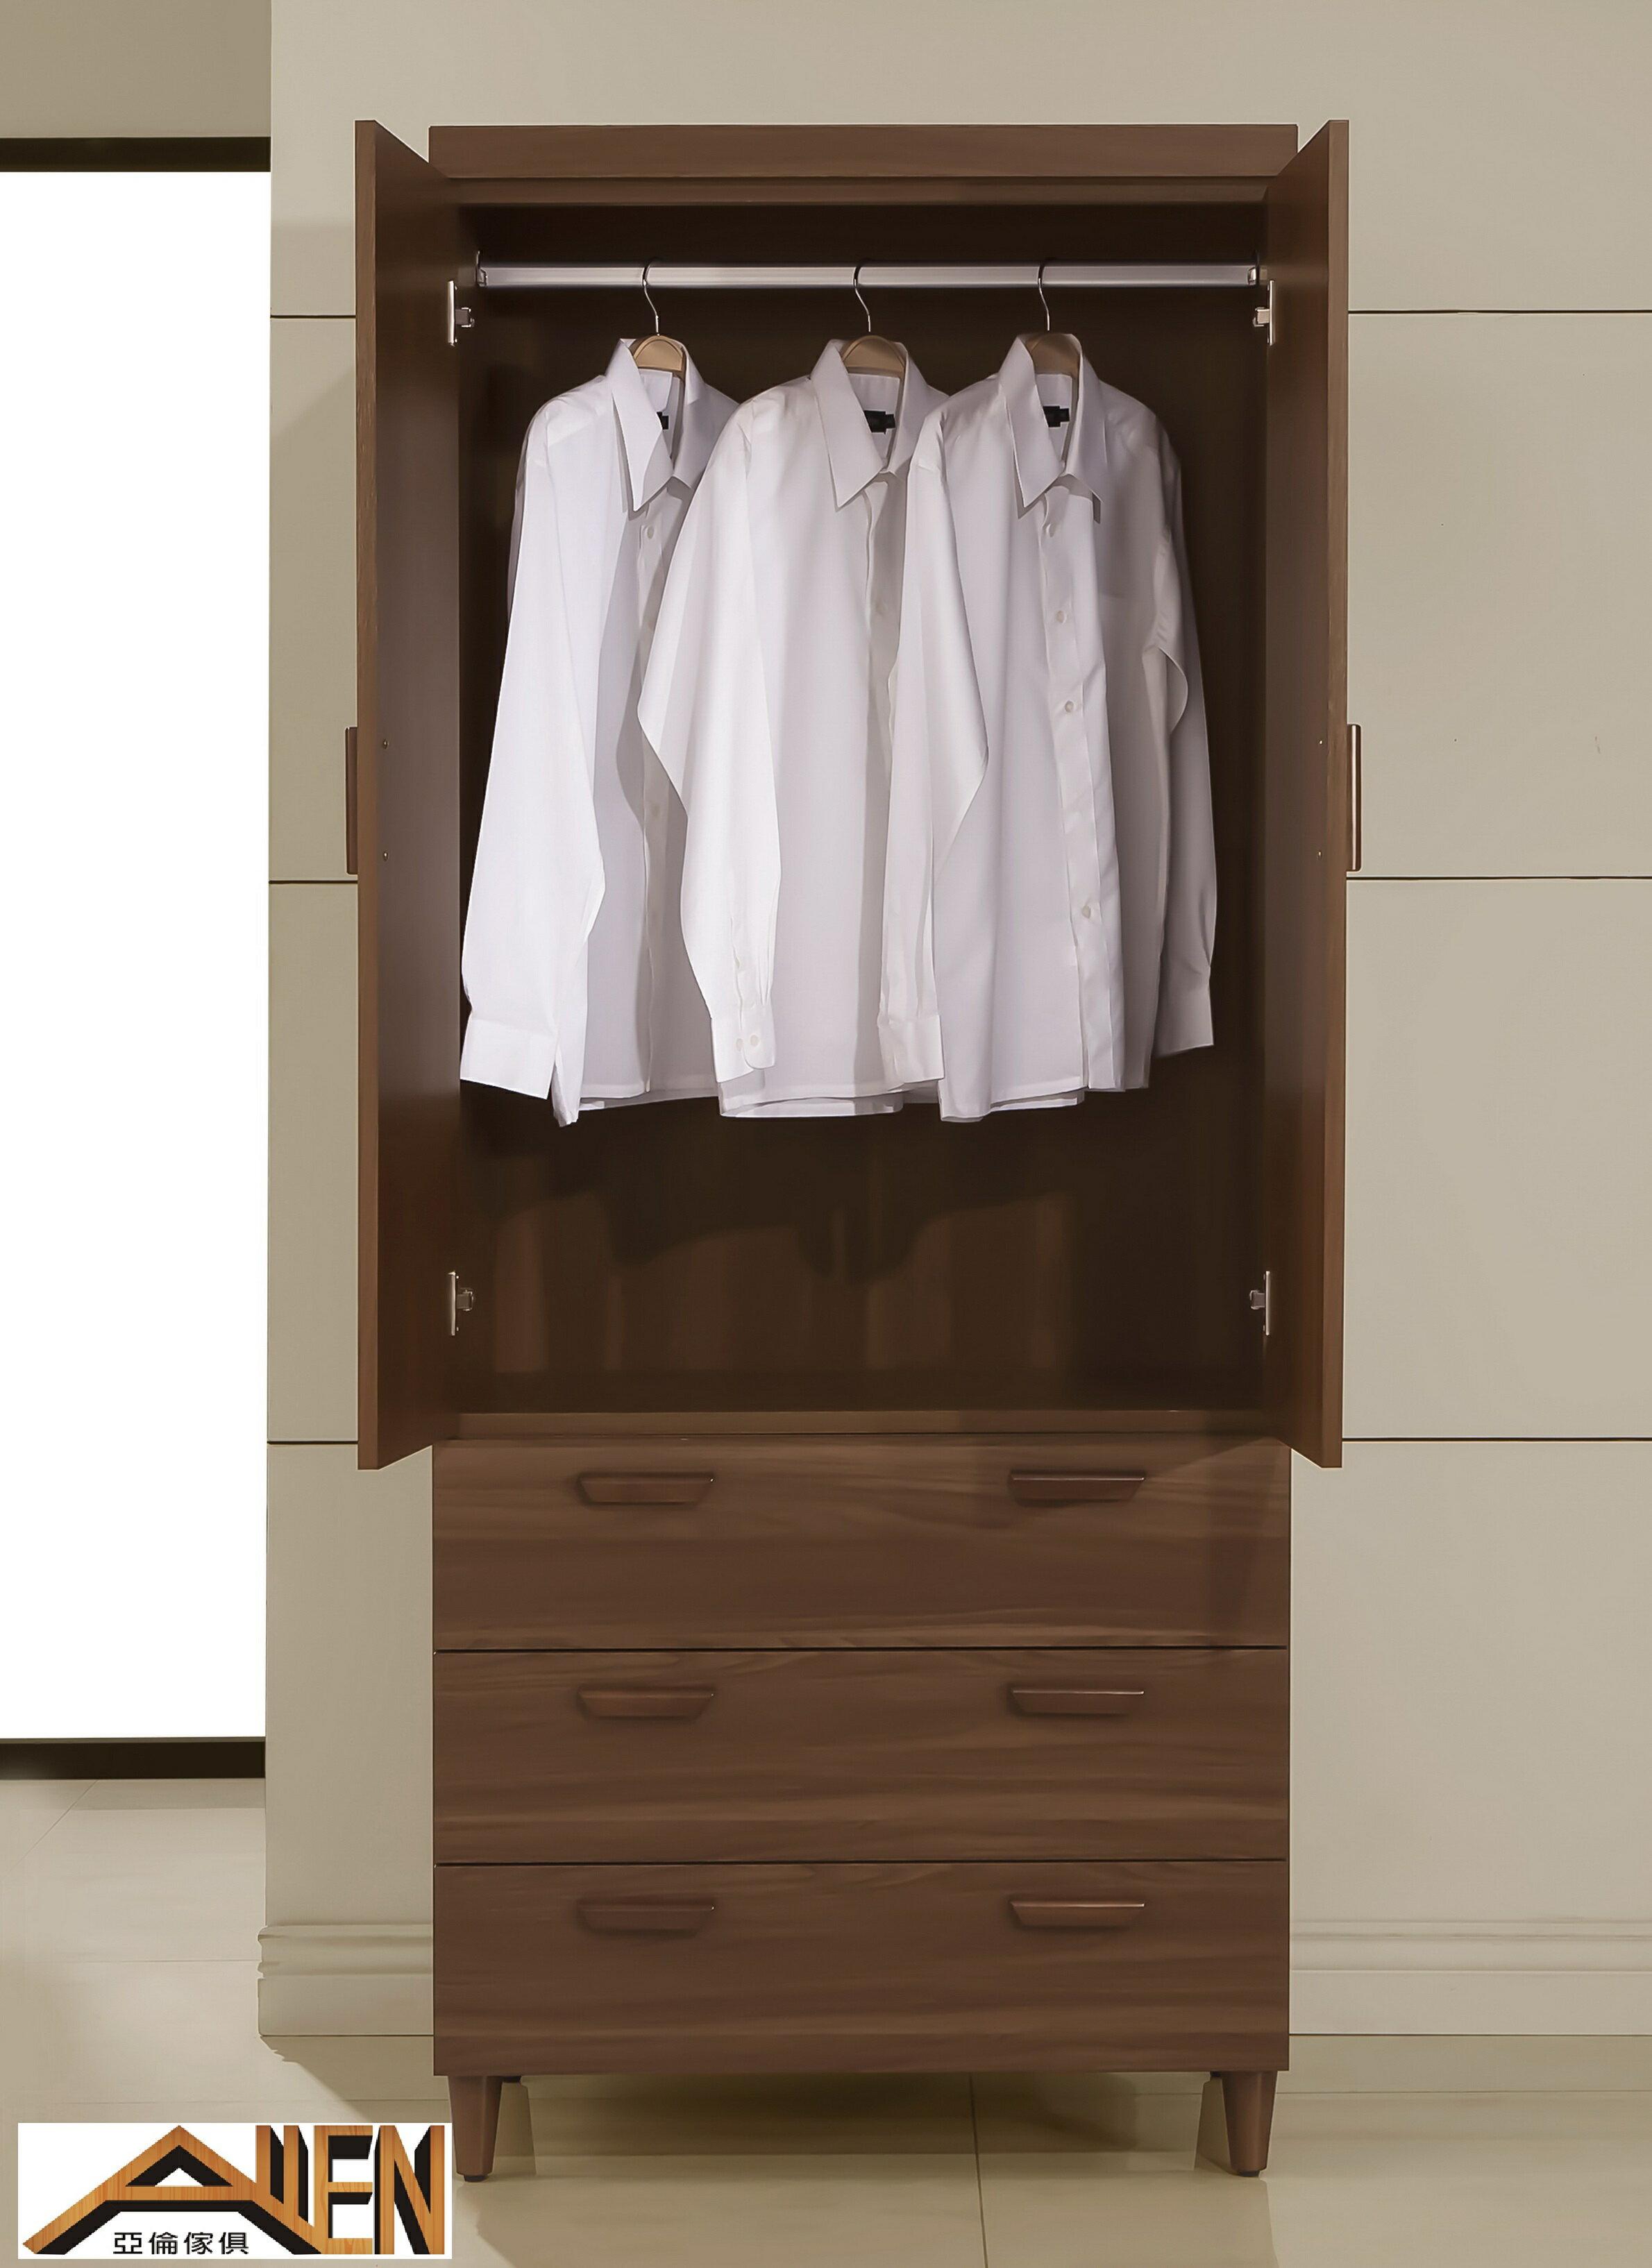 亞倫傢俱*阿勞德3*7尺衣櫥 1